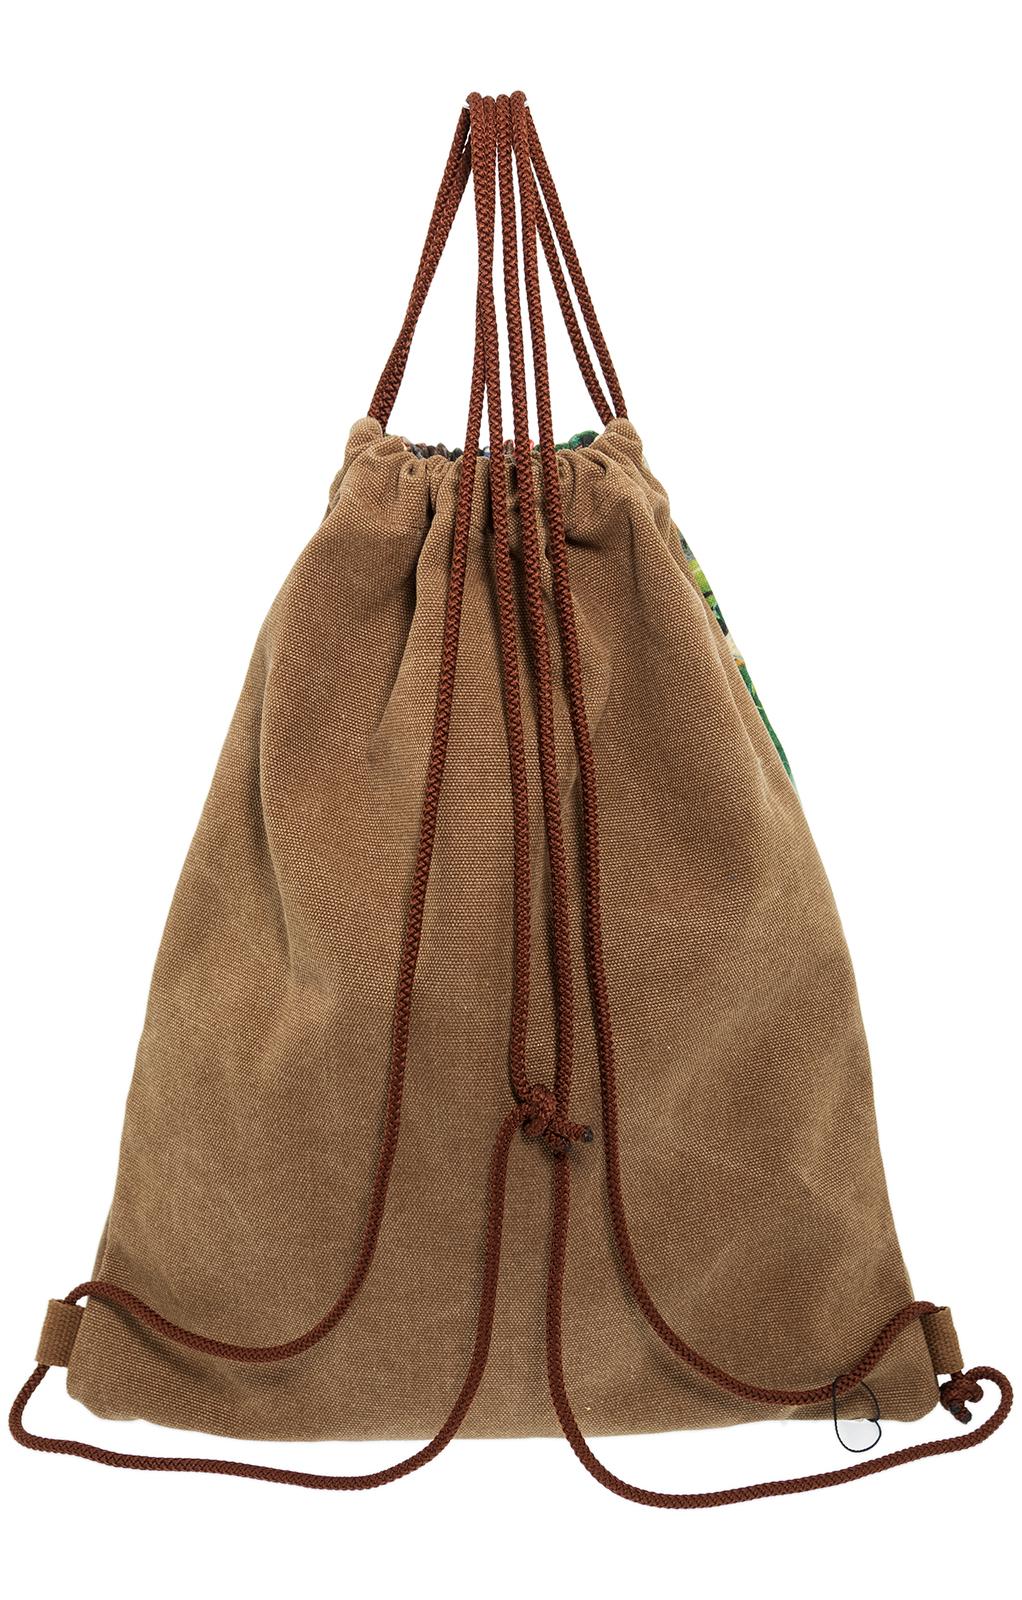 weitere Bilder von Trachtentasche Beutel 11501 Uni - braunnostalgie